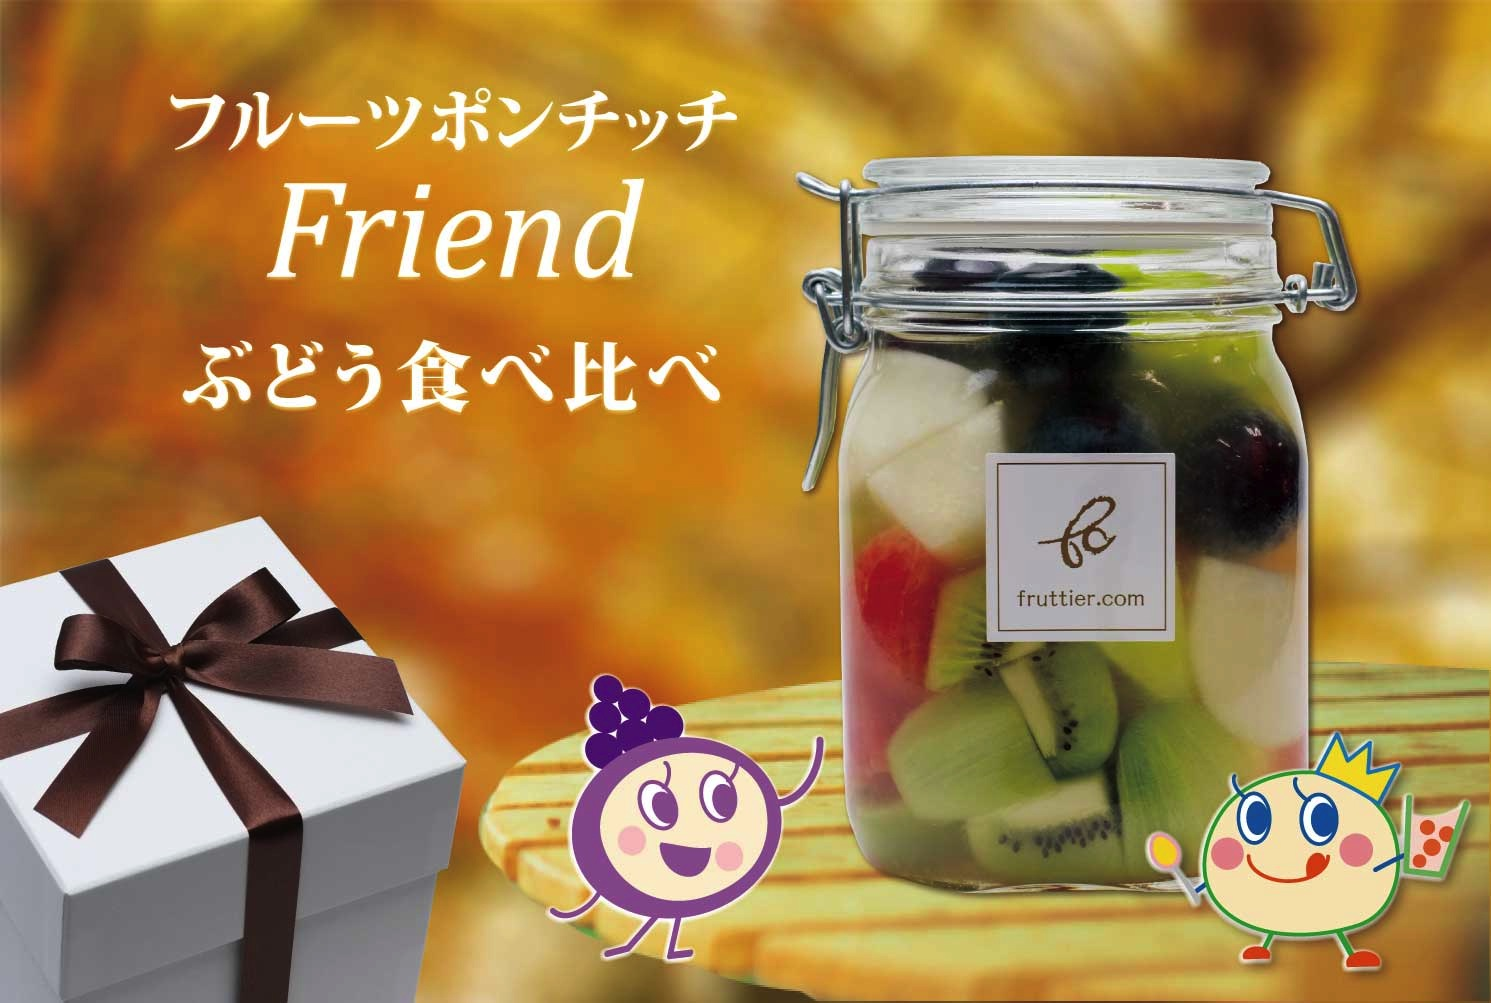 フルーツポンチッチFriend〜ぶどう食べ比べ